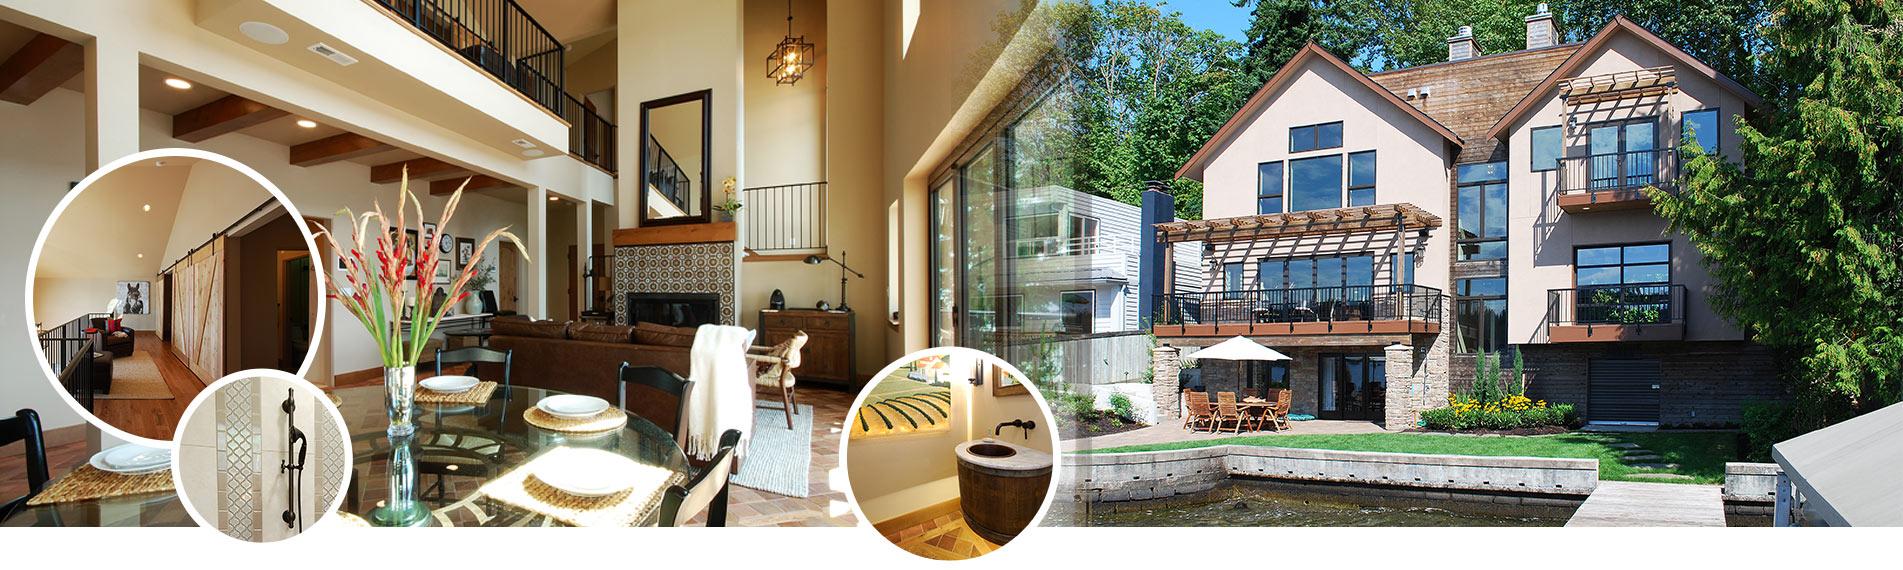 Custom Homes | Sockeye Homes